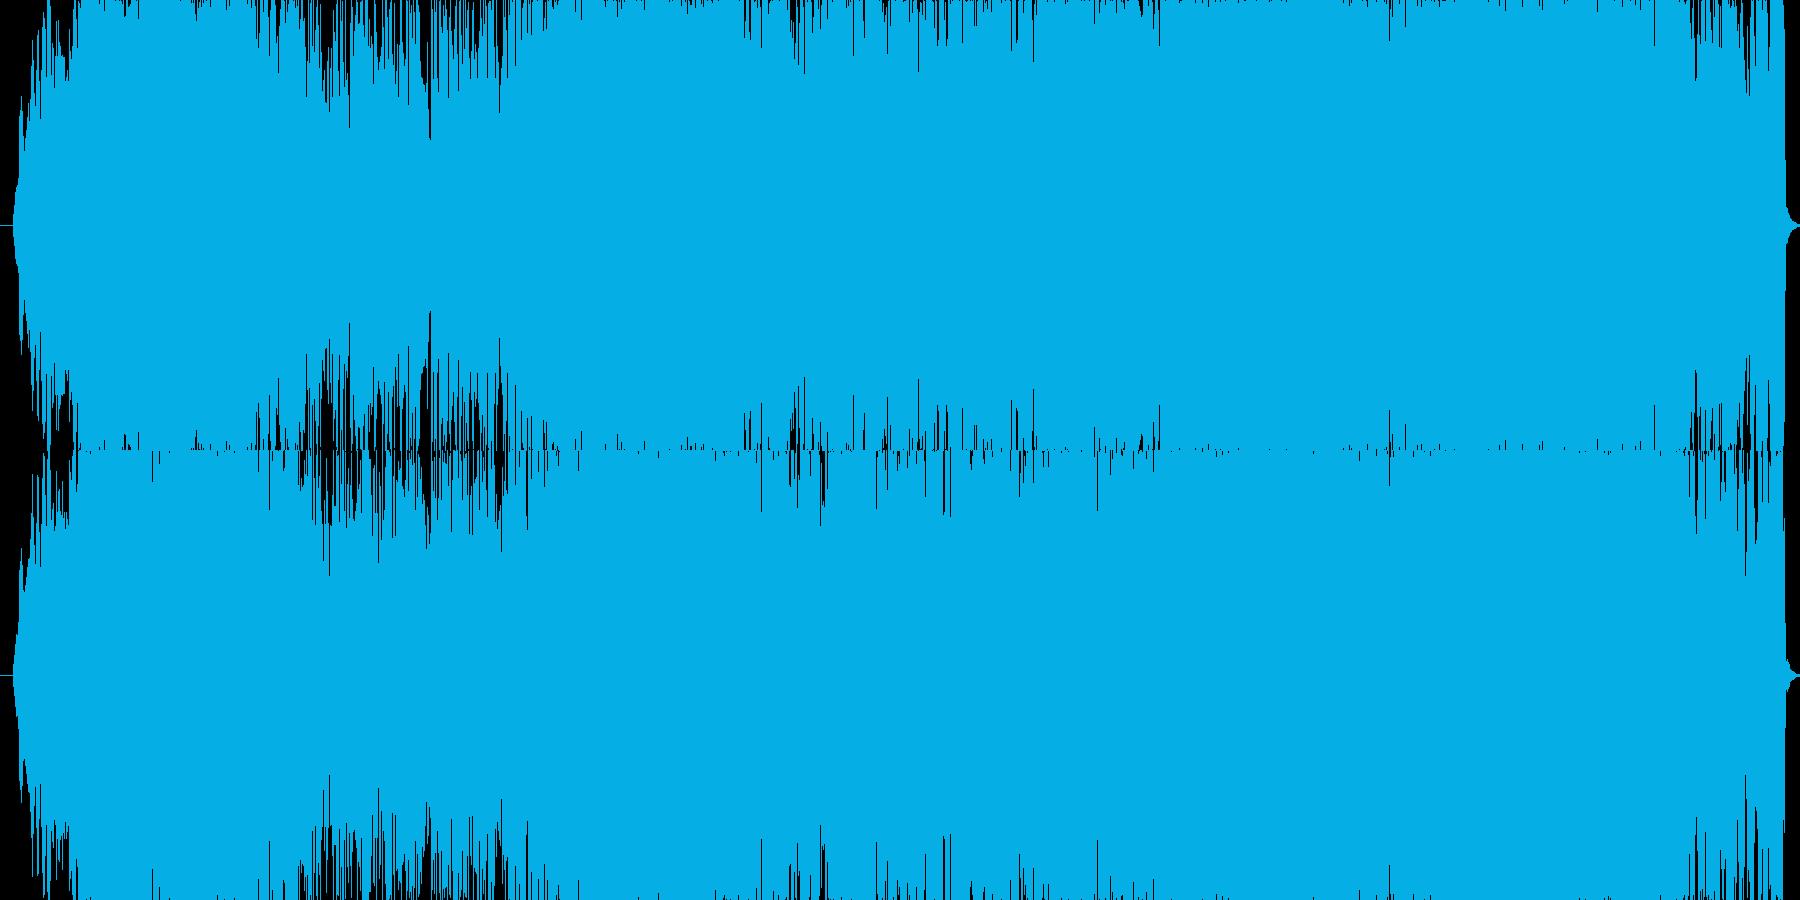 ミステリアスで疾走感のあるサウンドの再生済みの波形